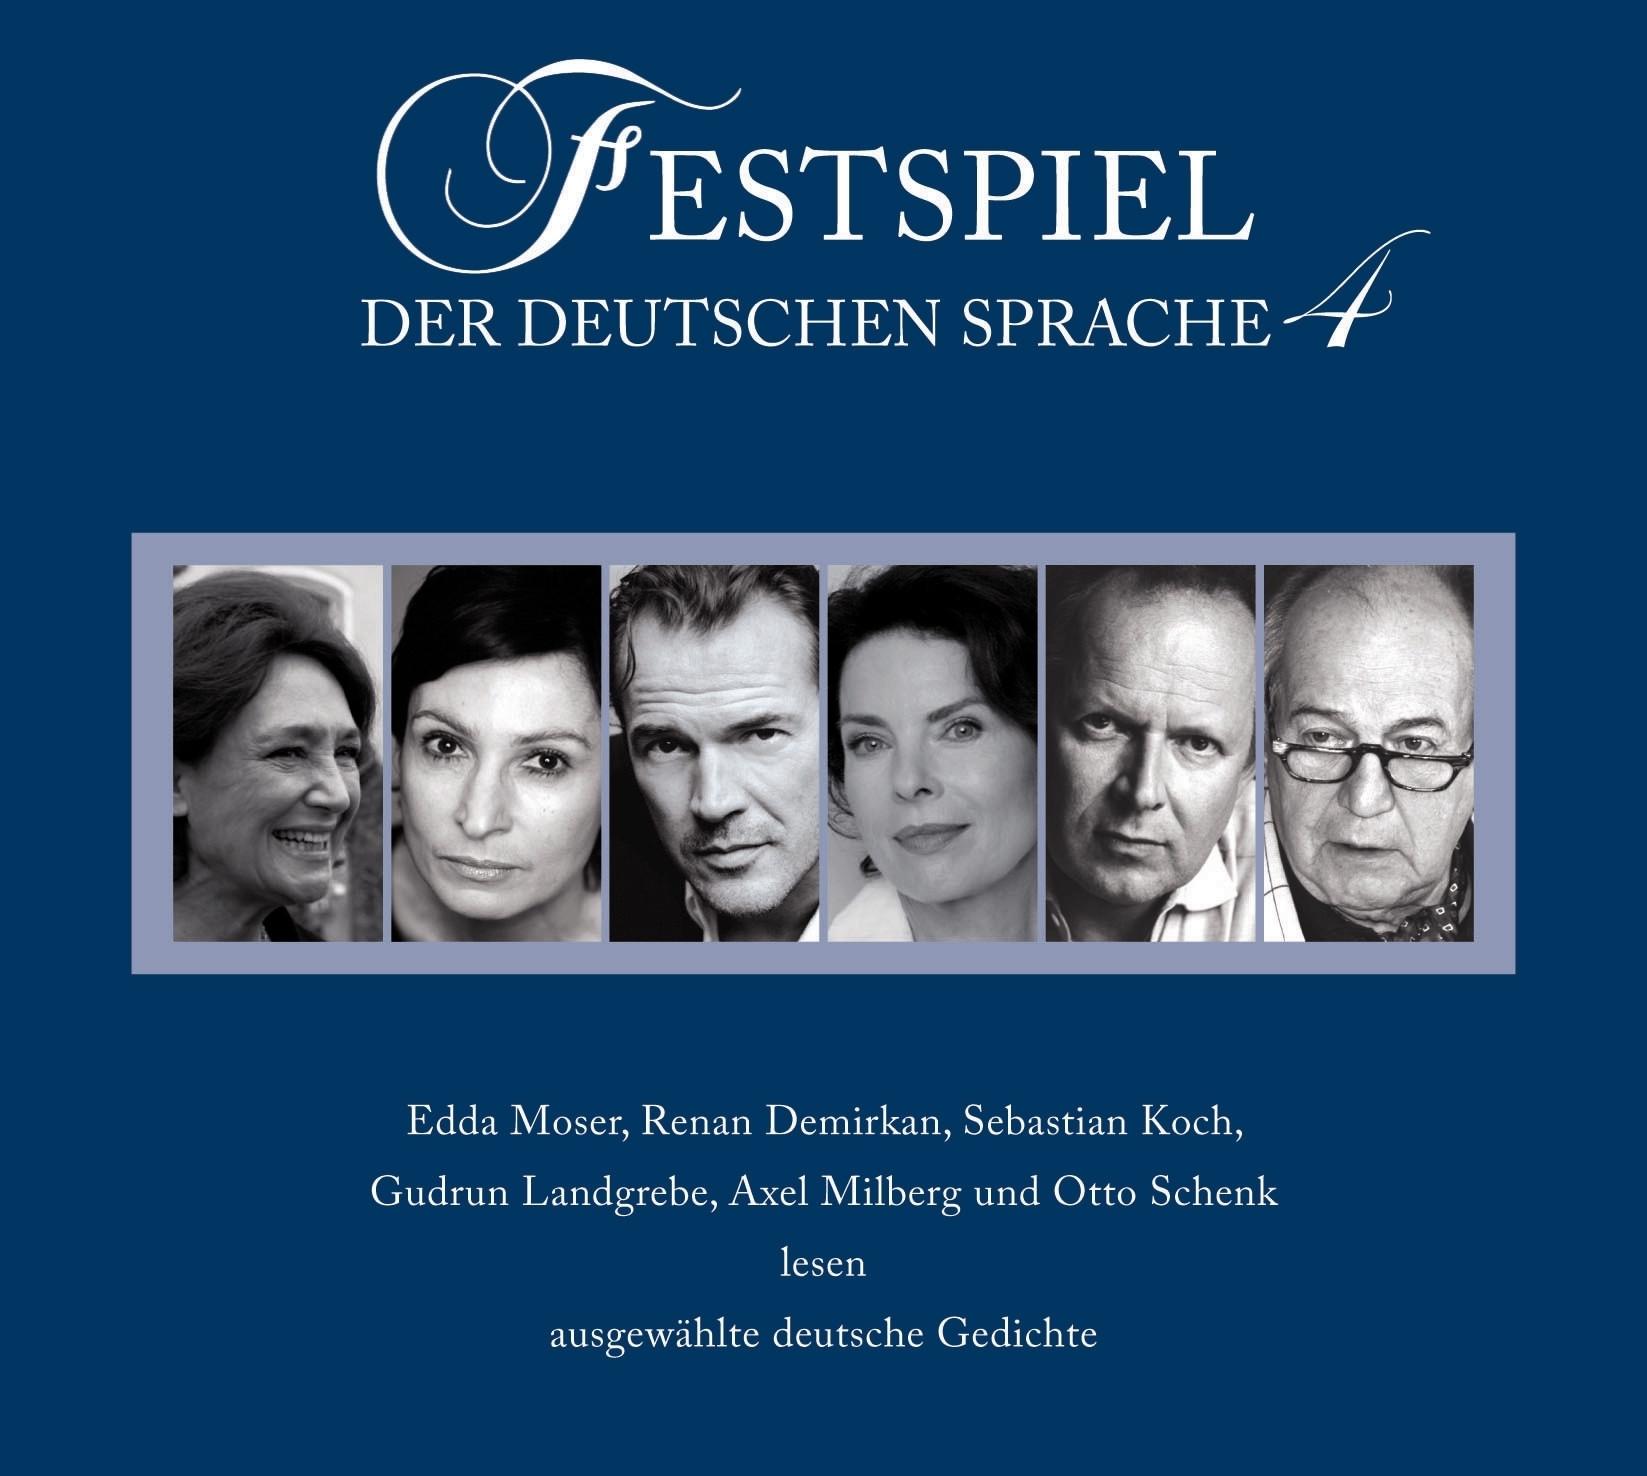 Festspiel der deutschen Sprache - 4